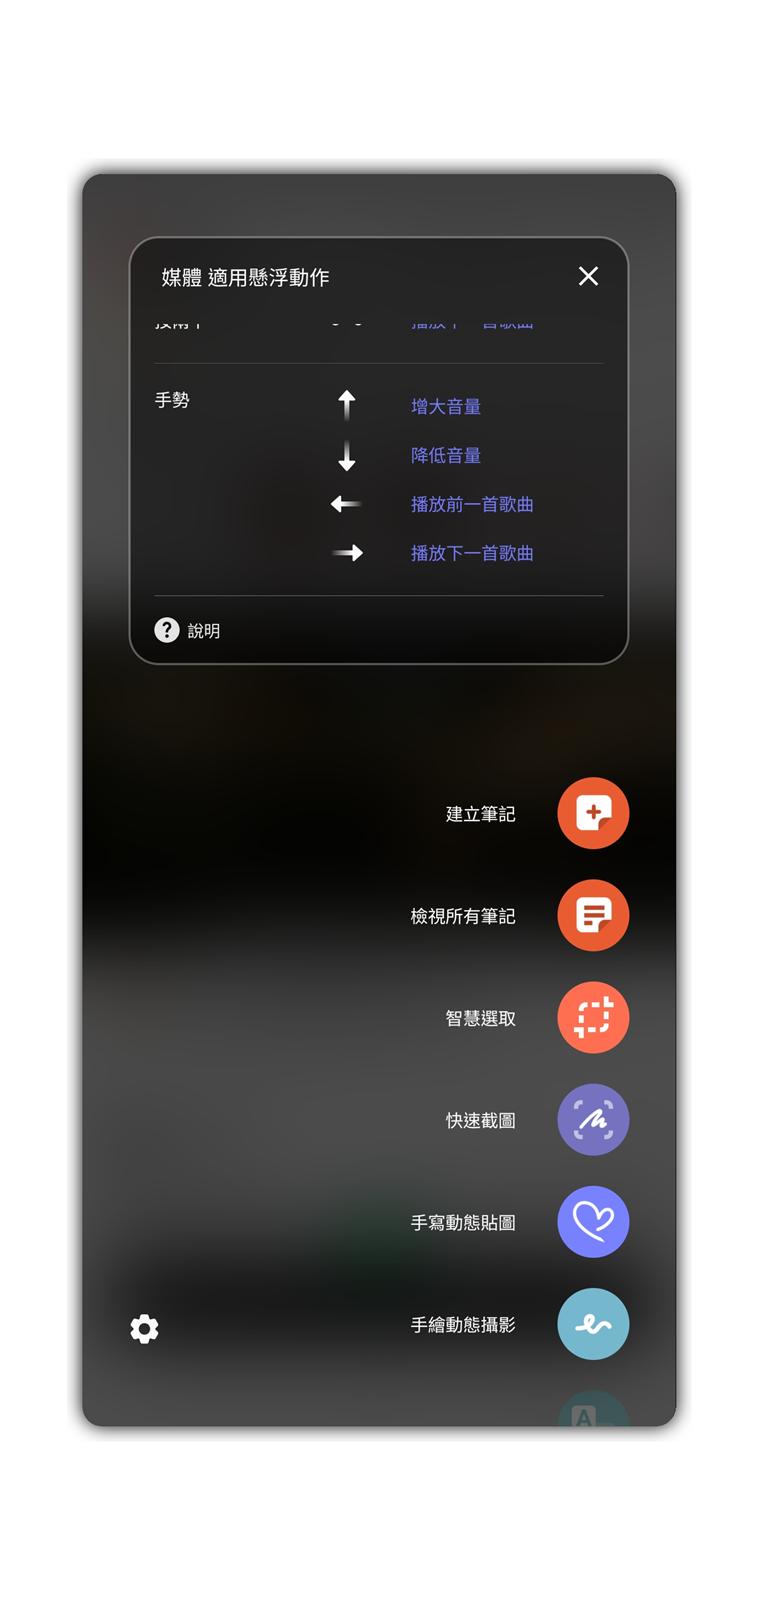 大螢幕旗艦王者!三星 Galaxy Note 10+ 開箱評測 / 相機實拍 / S-Pen 進化 @3C 達人廖阿輝